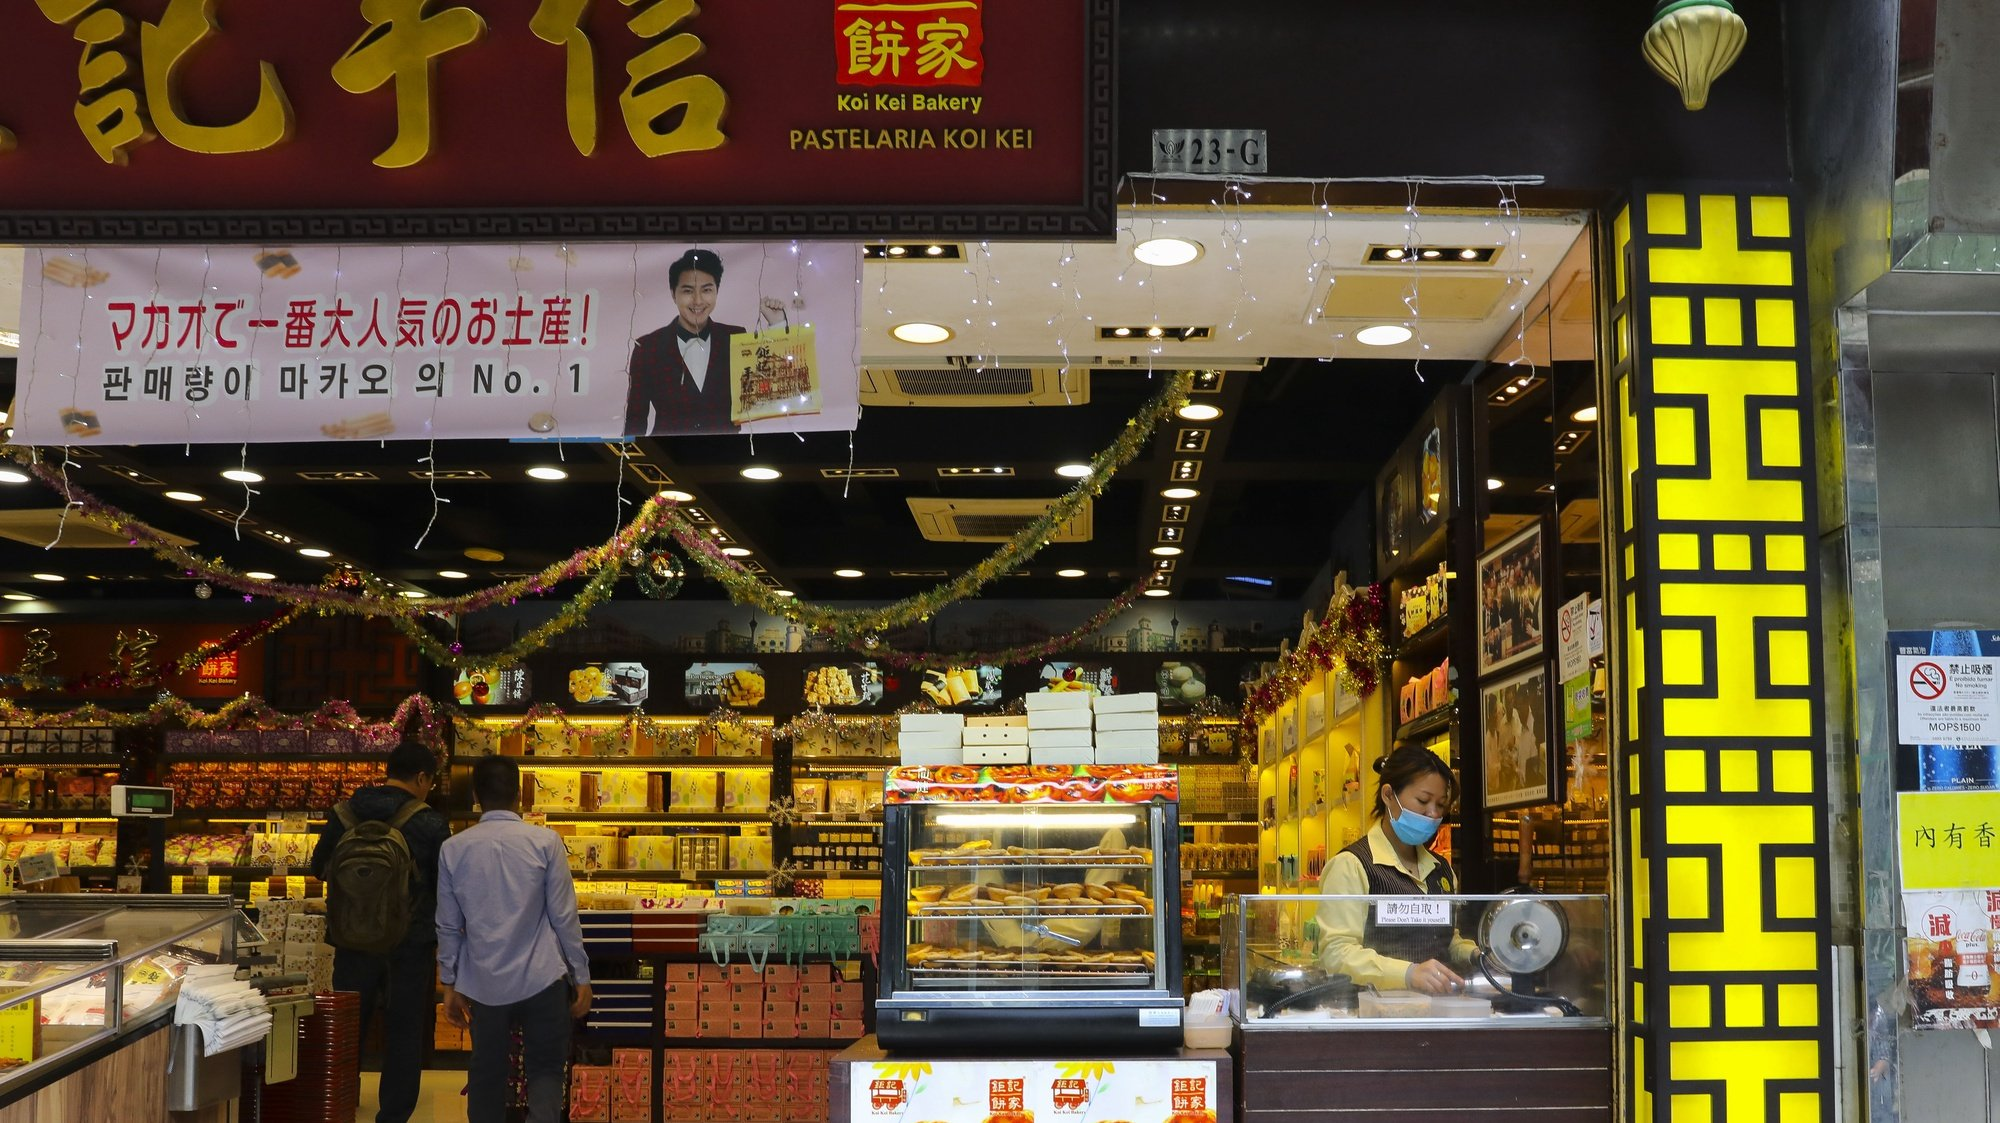 Pastelaria que entre outros produtos, vende pasteis de nata numa rua em Macau, China.17 de dezembro de 2019. JOÃO RELVAS/LUSA